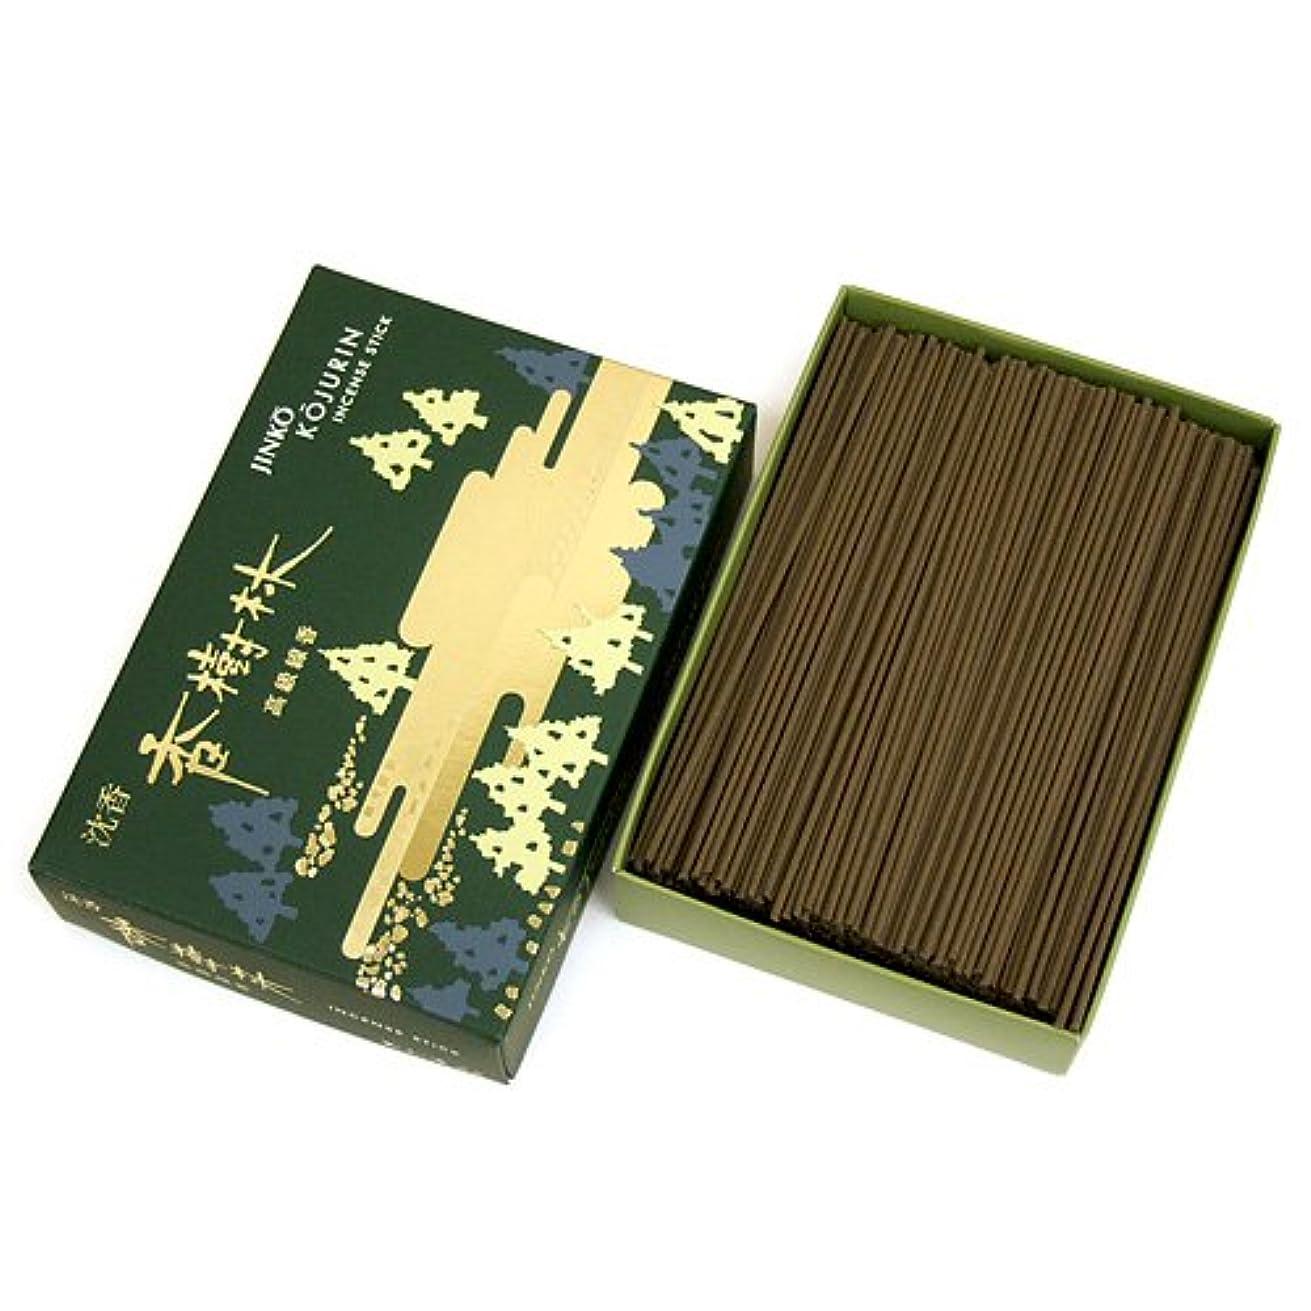 クランプ曲がった相反する家庭用線香 沈香 香樹林 短寸 徳用大型箱(箱寸法15×10.5×3.5cm)◆爽やかな沈香の香りのお線香(玉初堂)